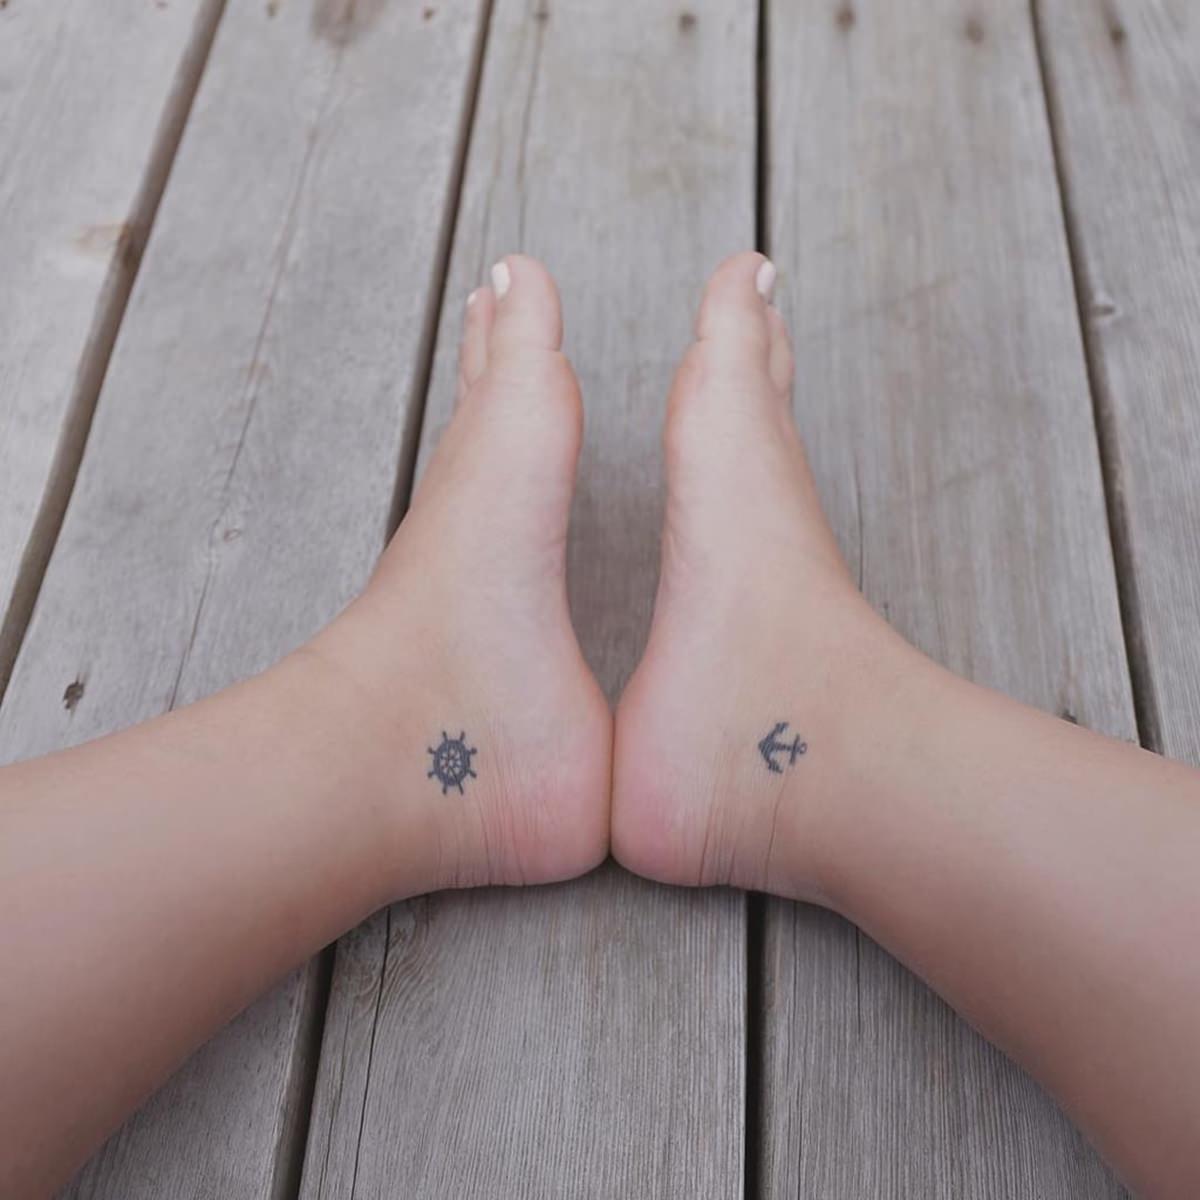 Tatuagem de leme e âncora no pé